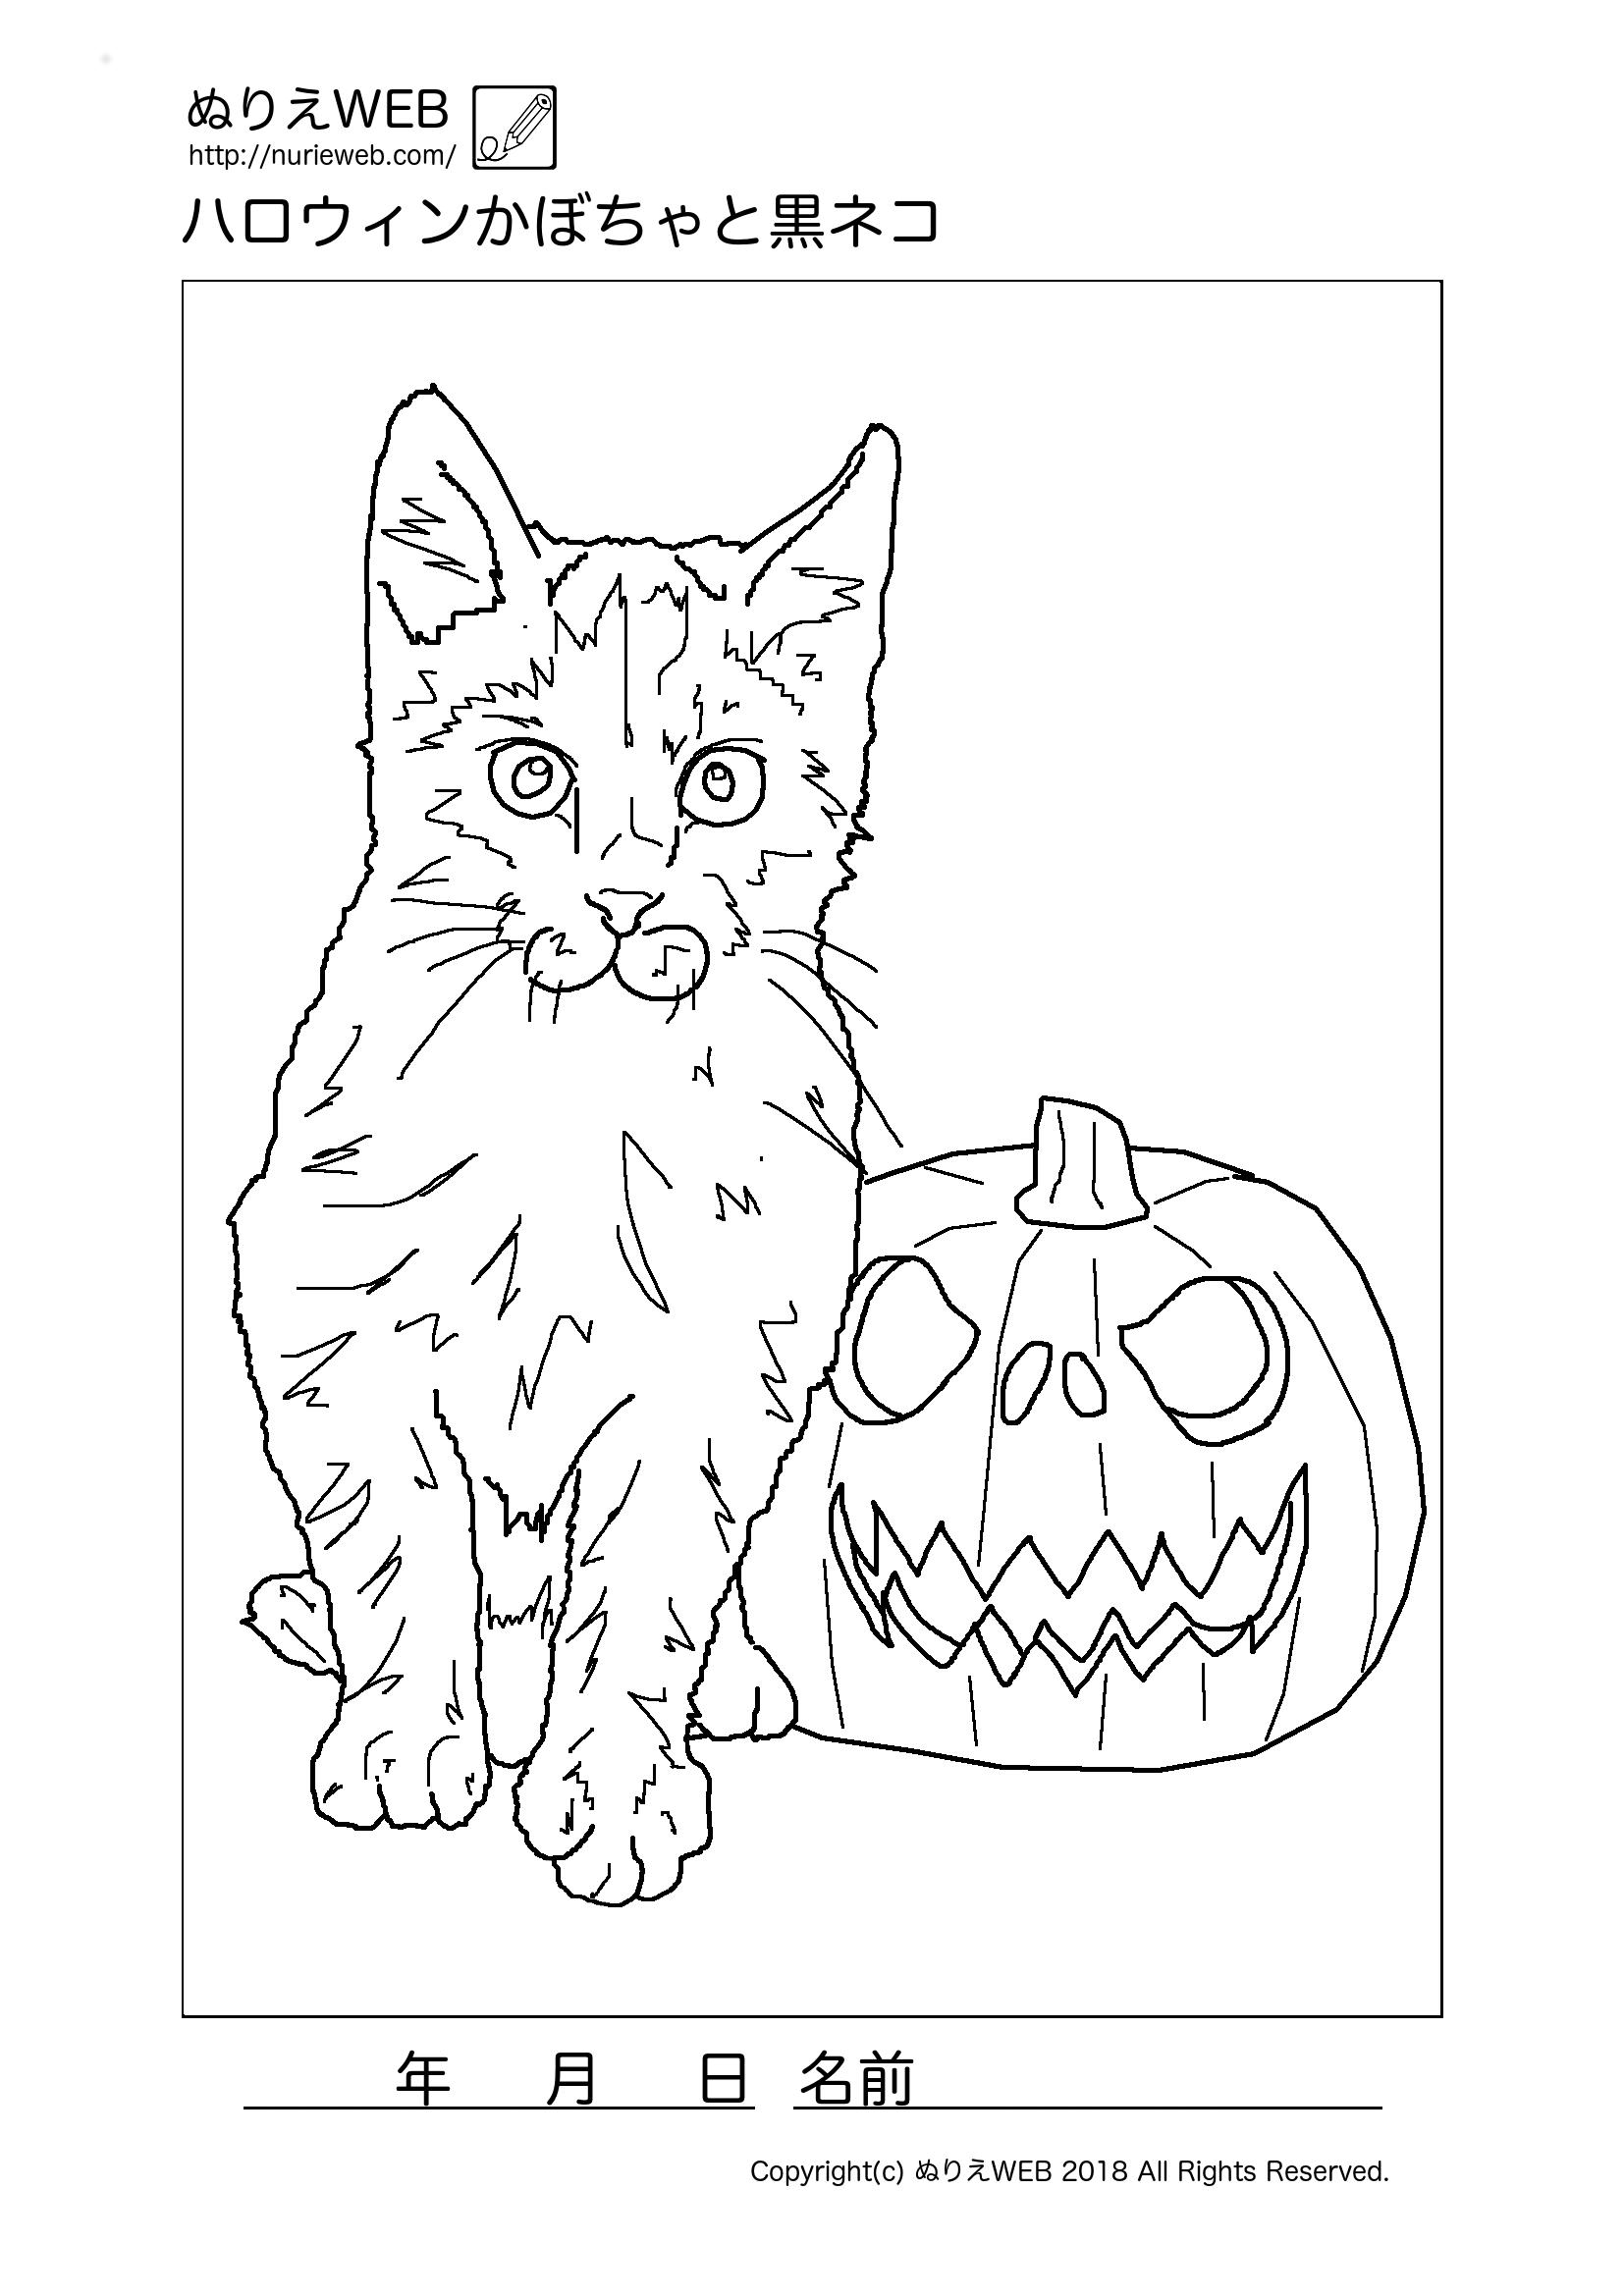 ぬりえwebハロウィンかぼちゃと黒ネコの塗り絵 ぬりえweb